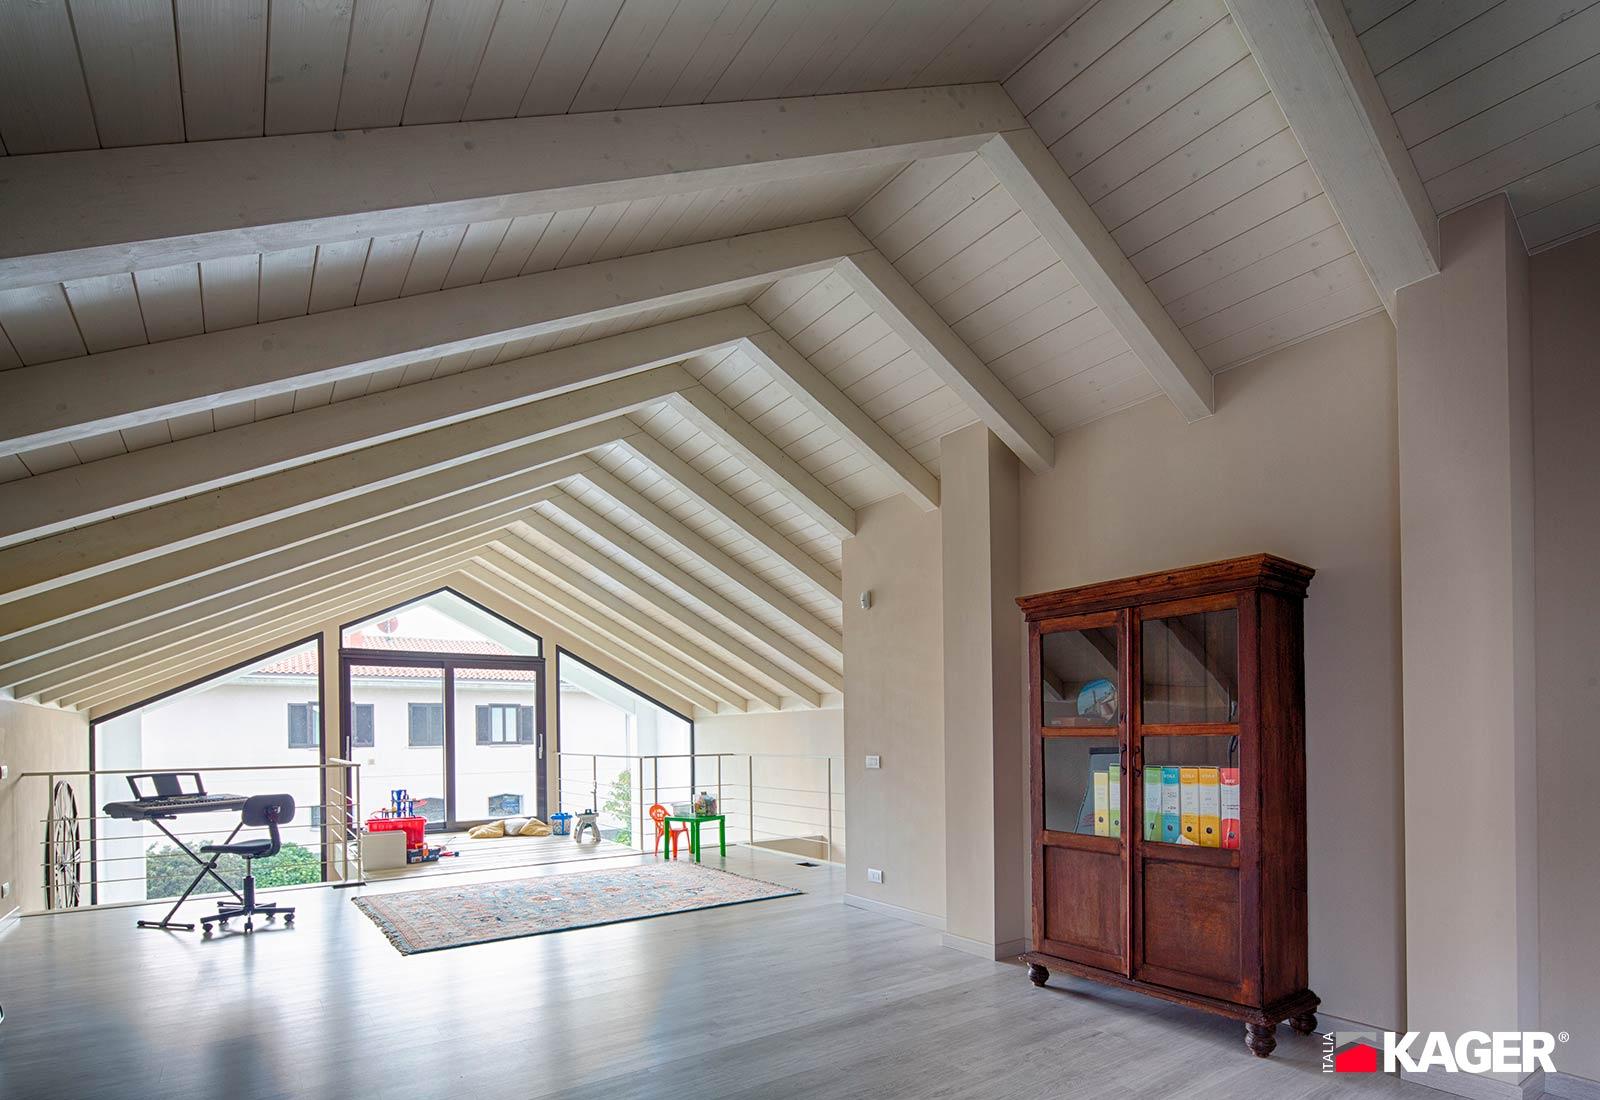 Casa-in-legno-Cureggio-Kager-Italia-09